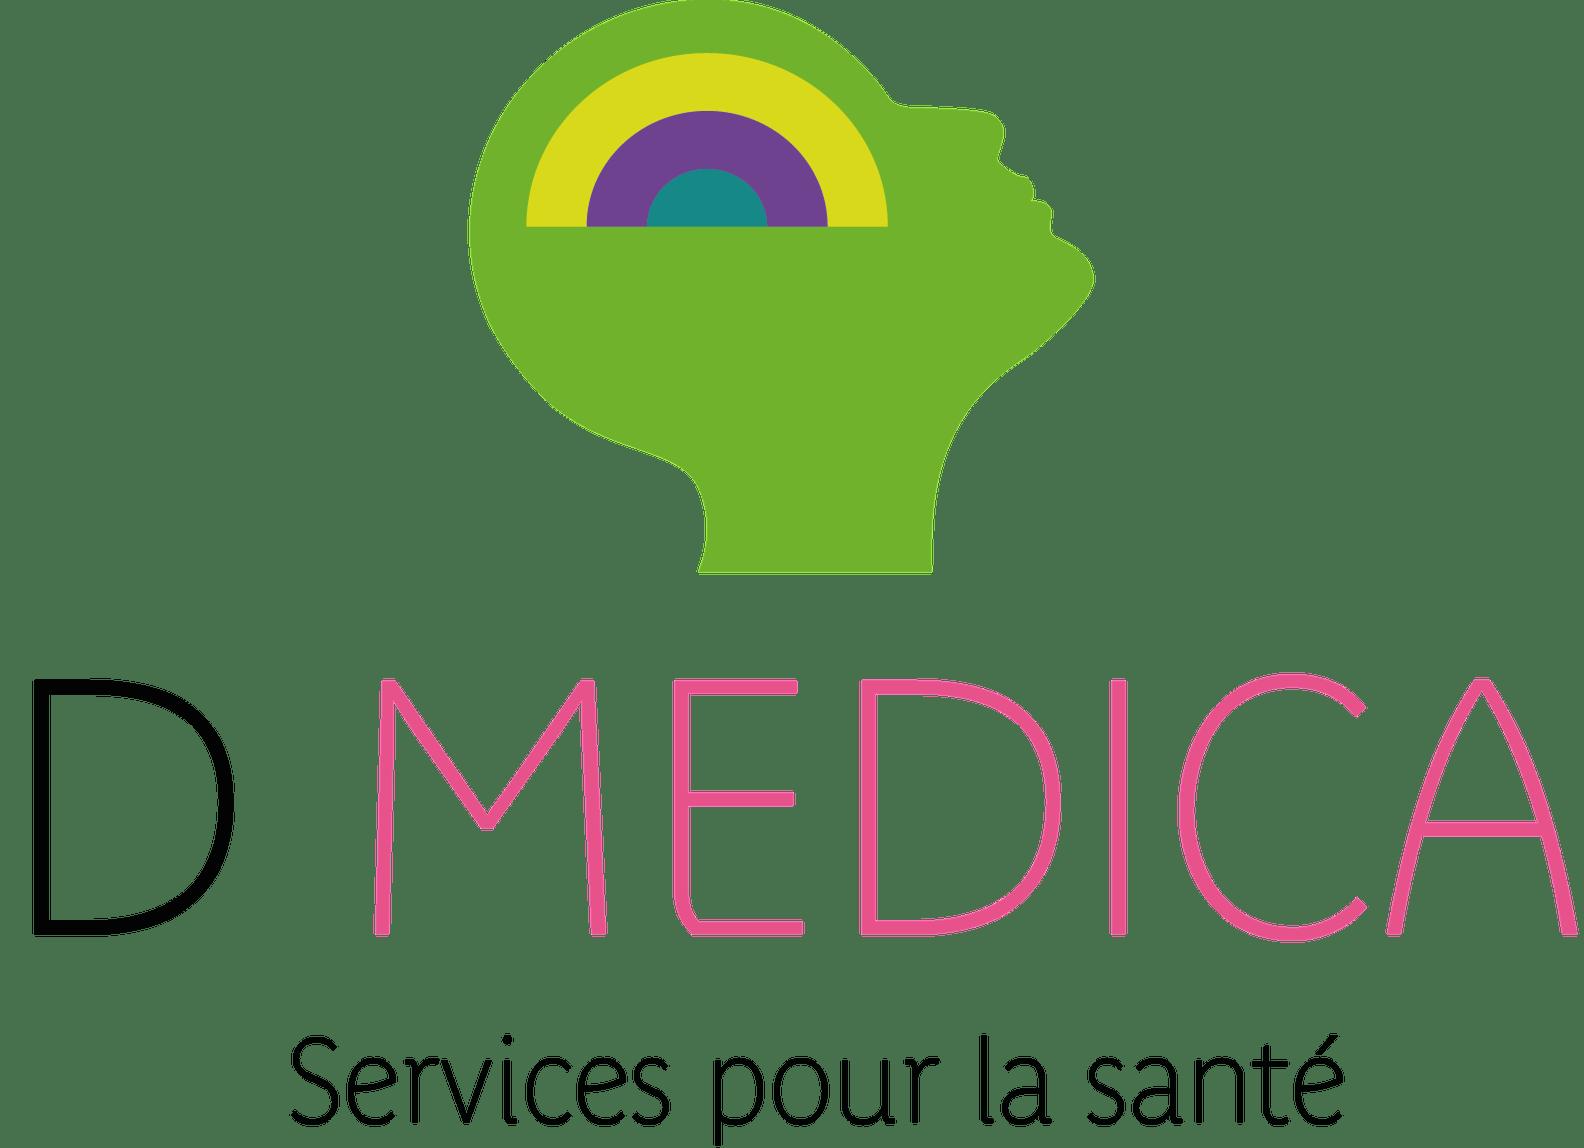 D Medica